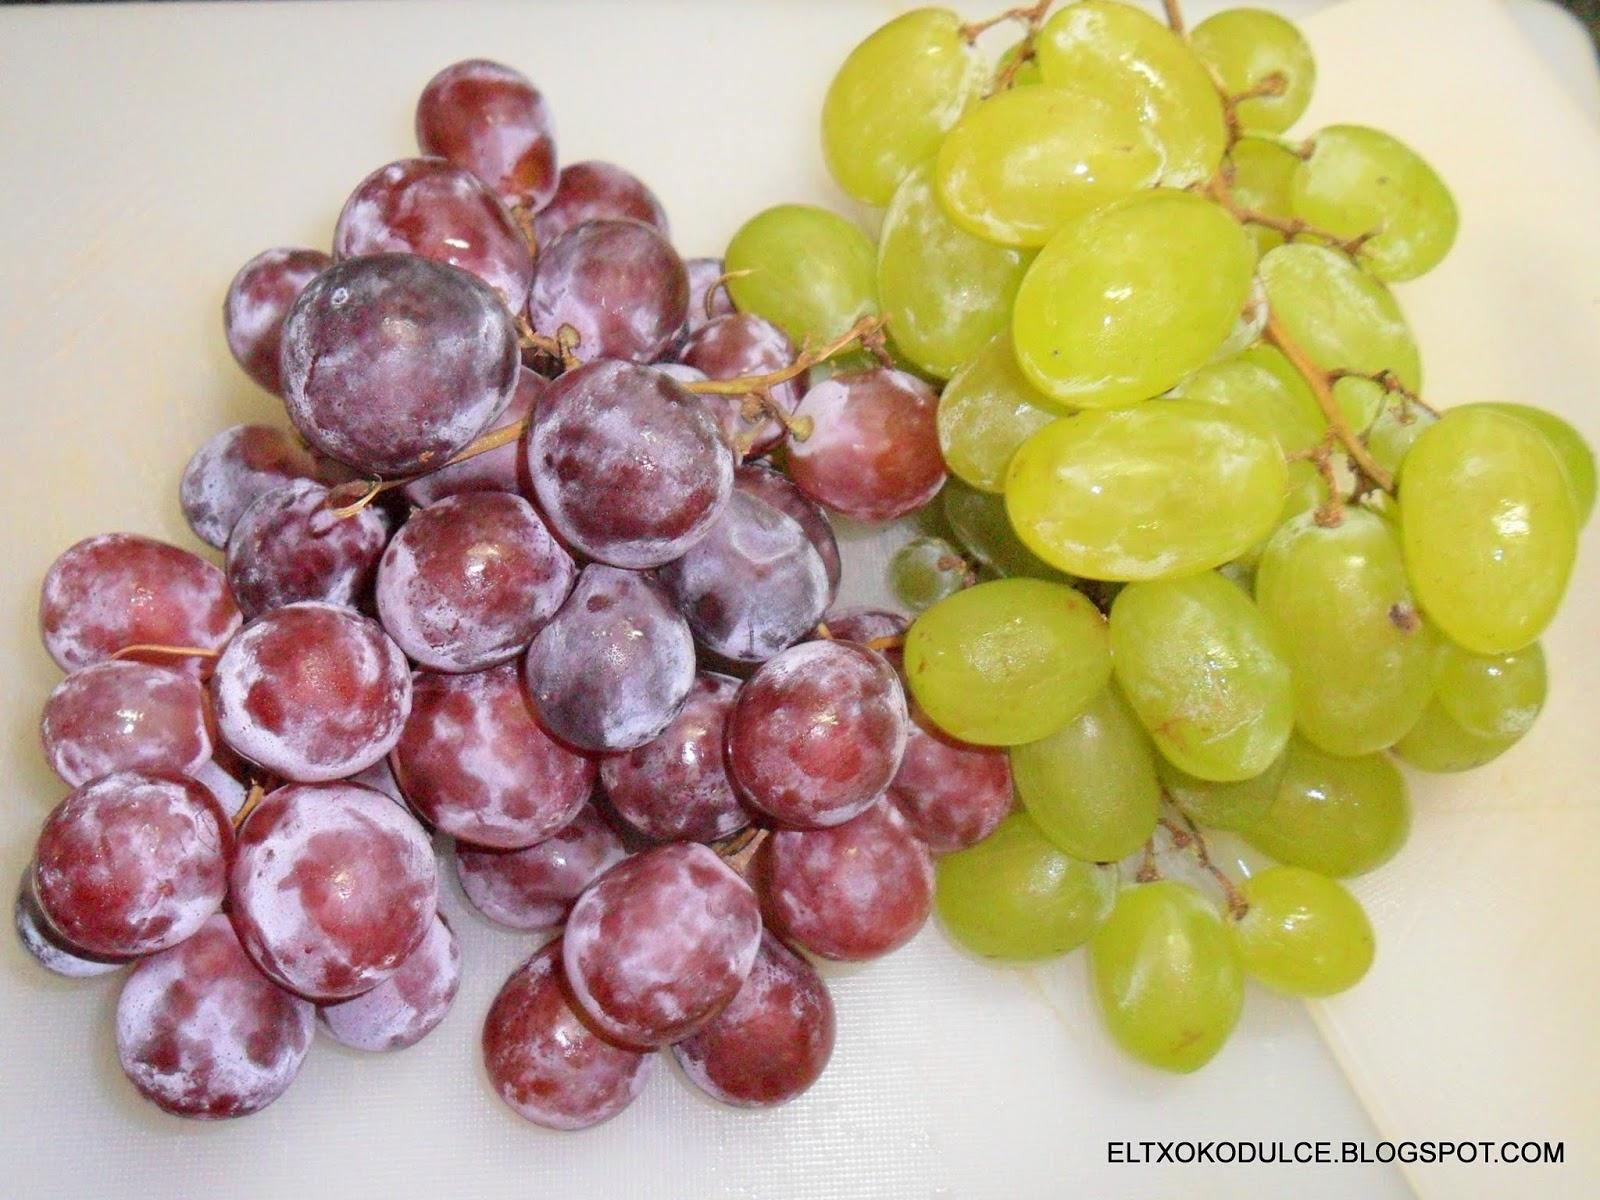 relacion acido urico creatinina alta en ninos capsulas de ajo acido urico que frutas y verduras contienen acido urico